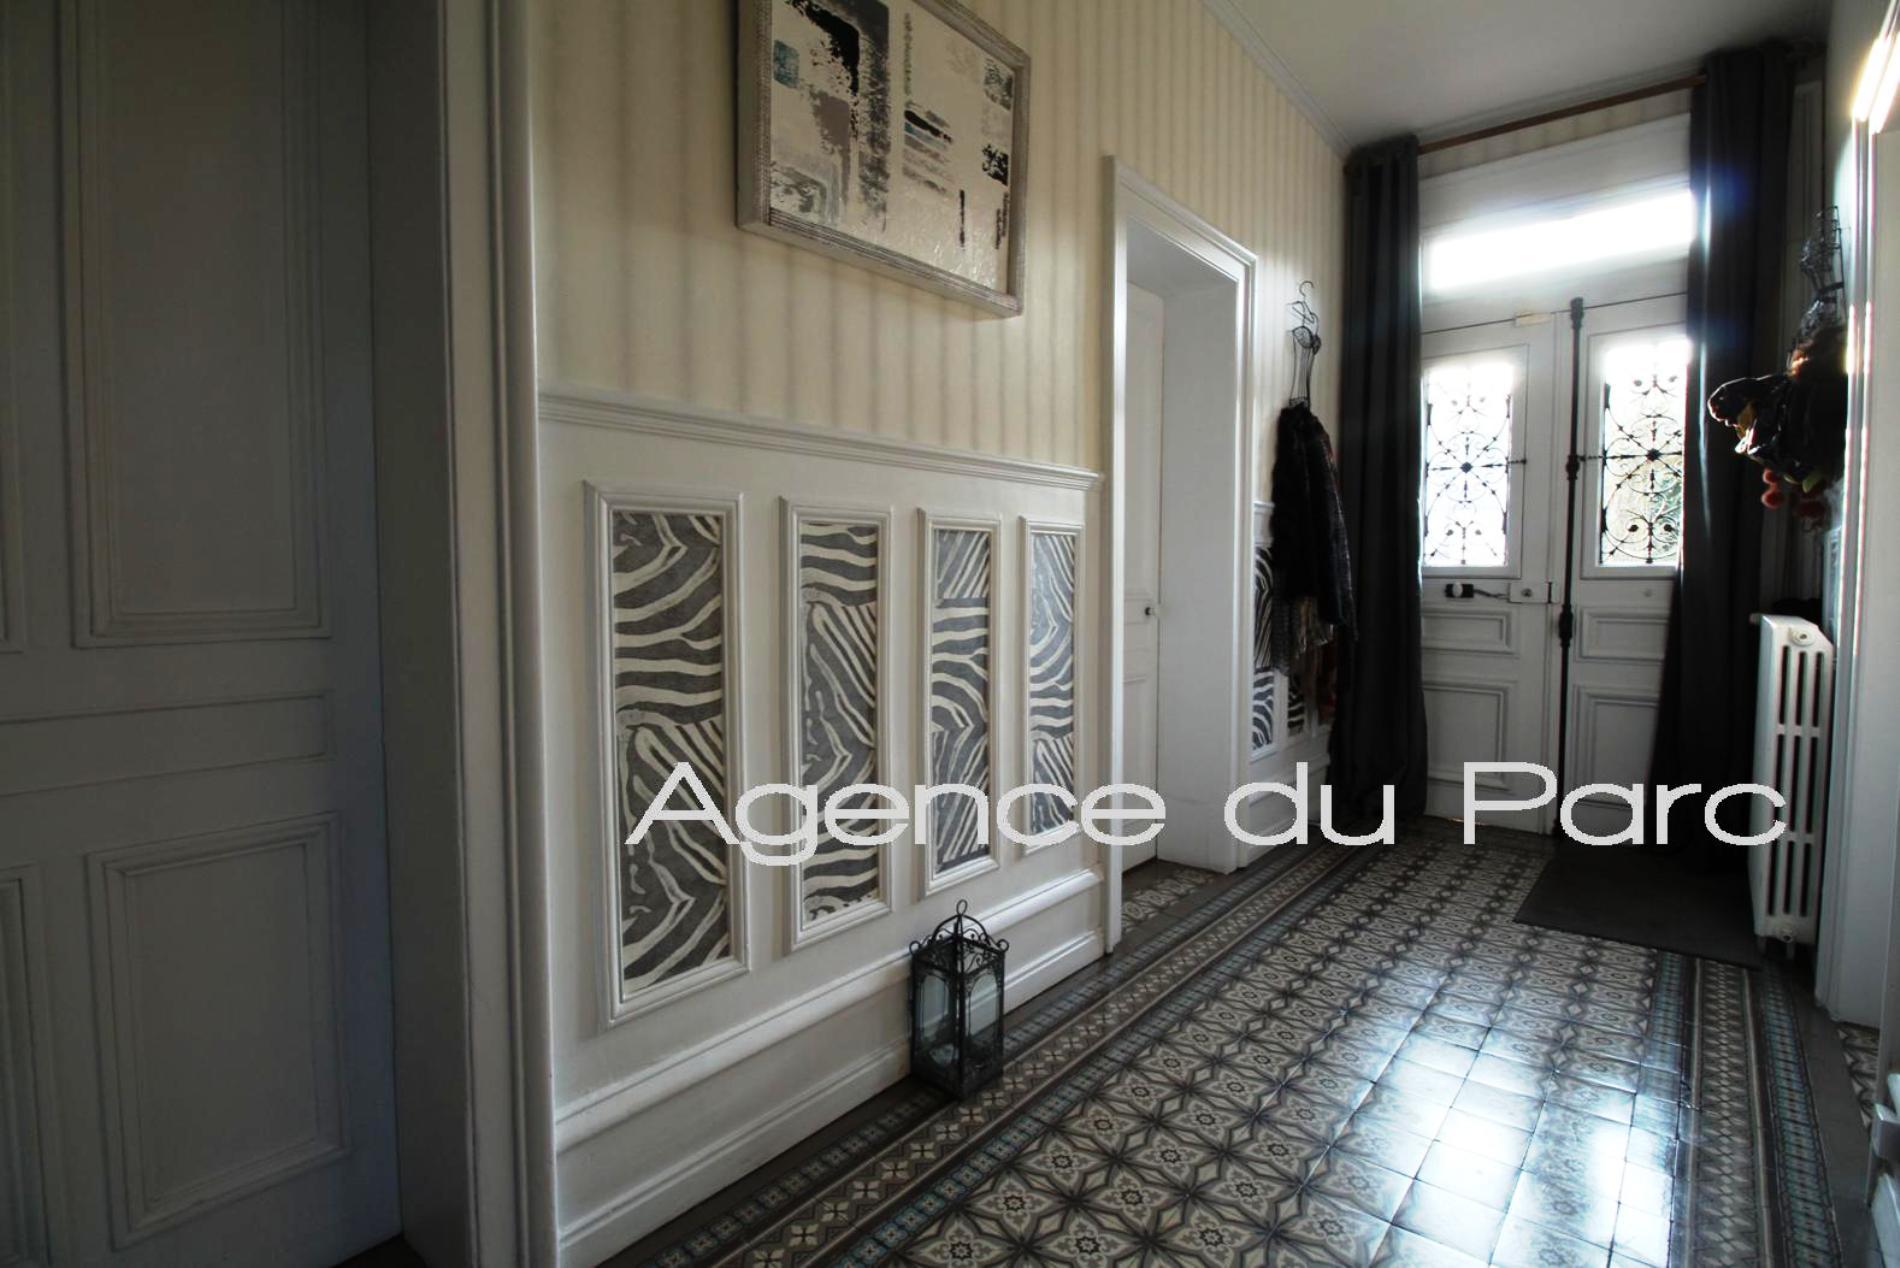 acheter vente d 39 une maison bourgeoise pleine de charme vall e de seine en normandie entre. Black Bedroom Furniture Sets. Home Design Ideas